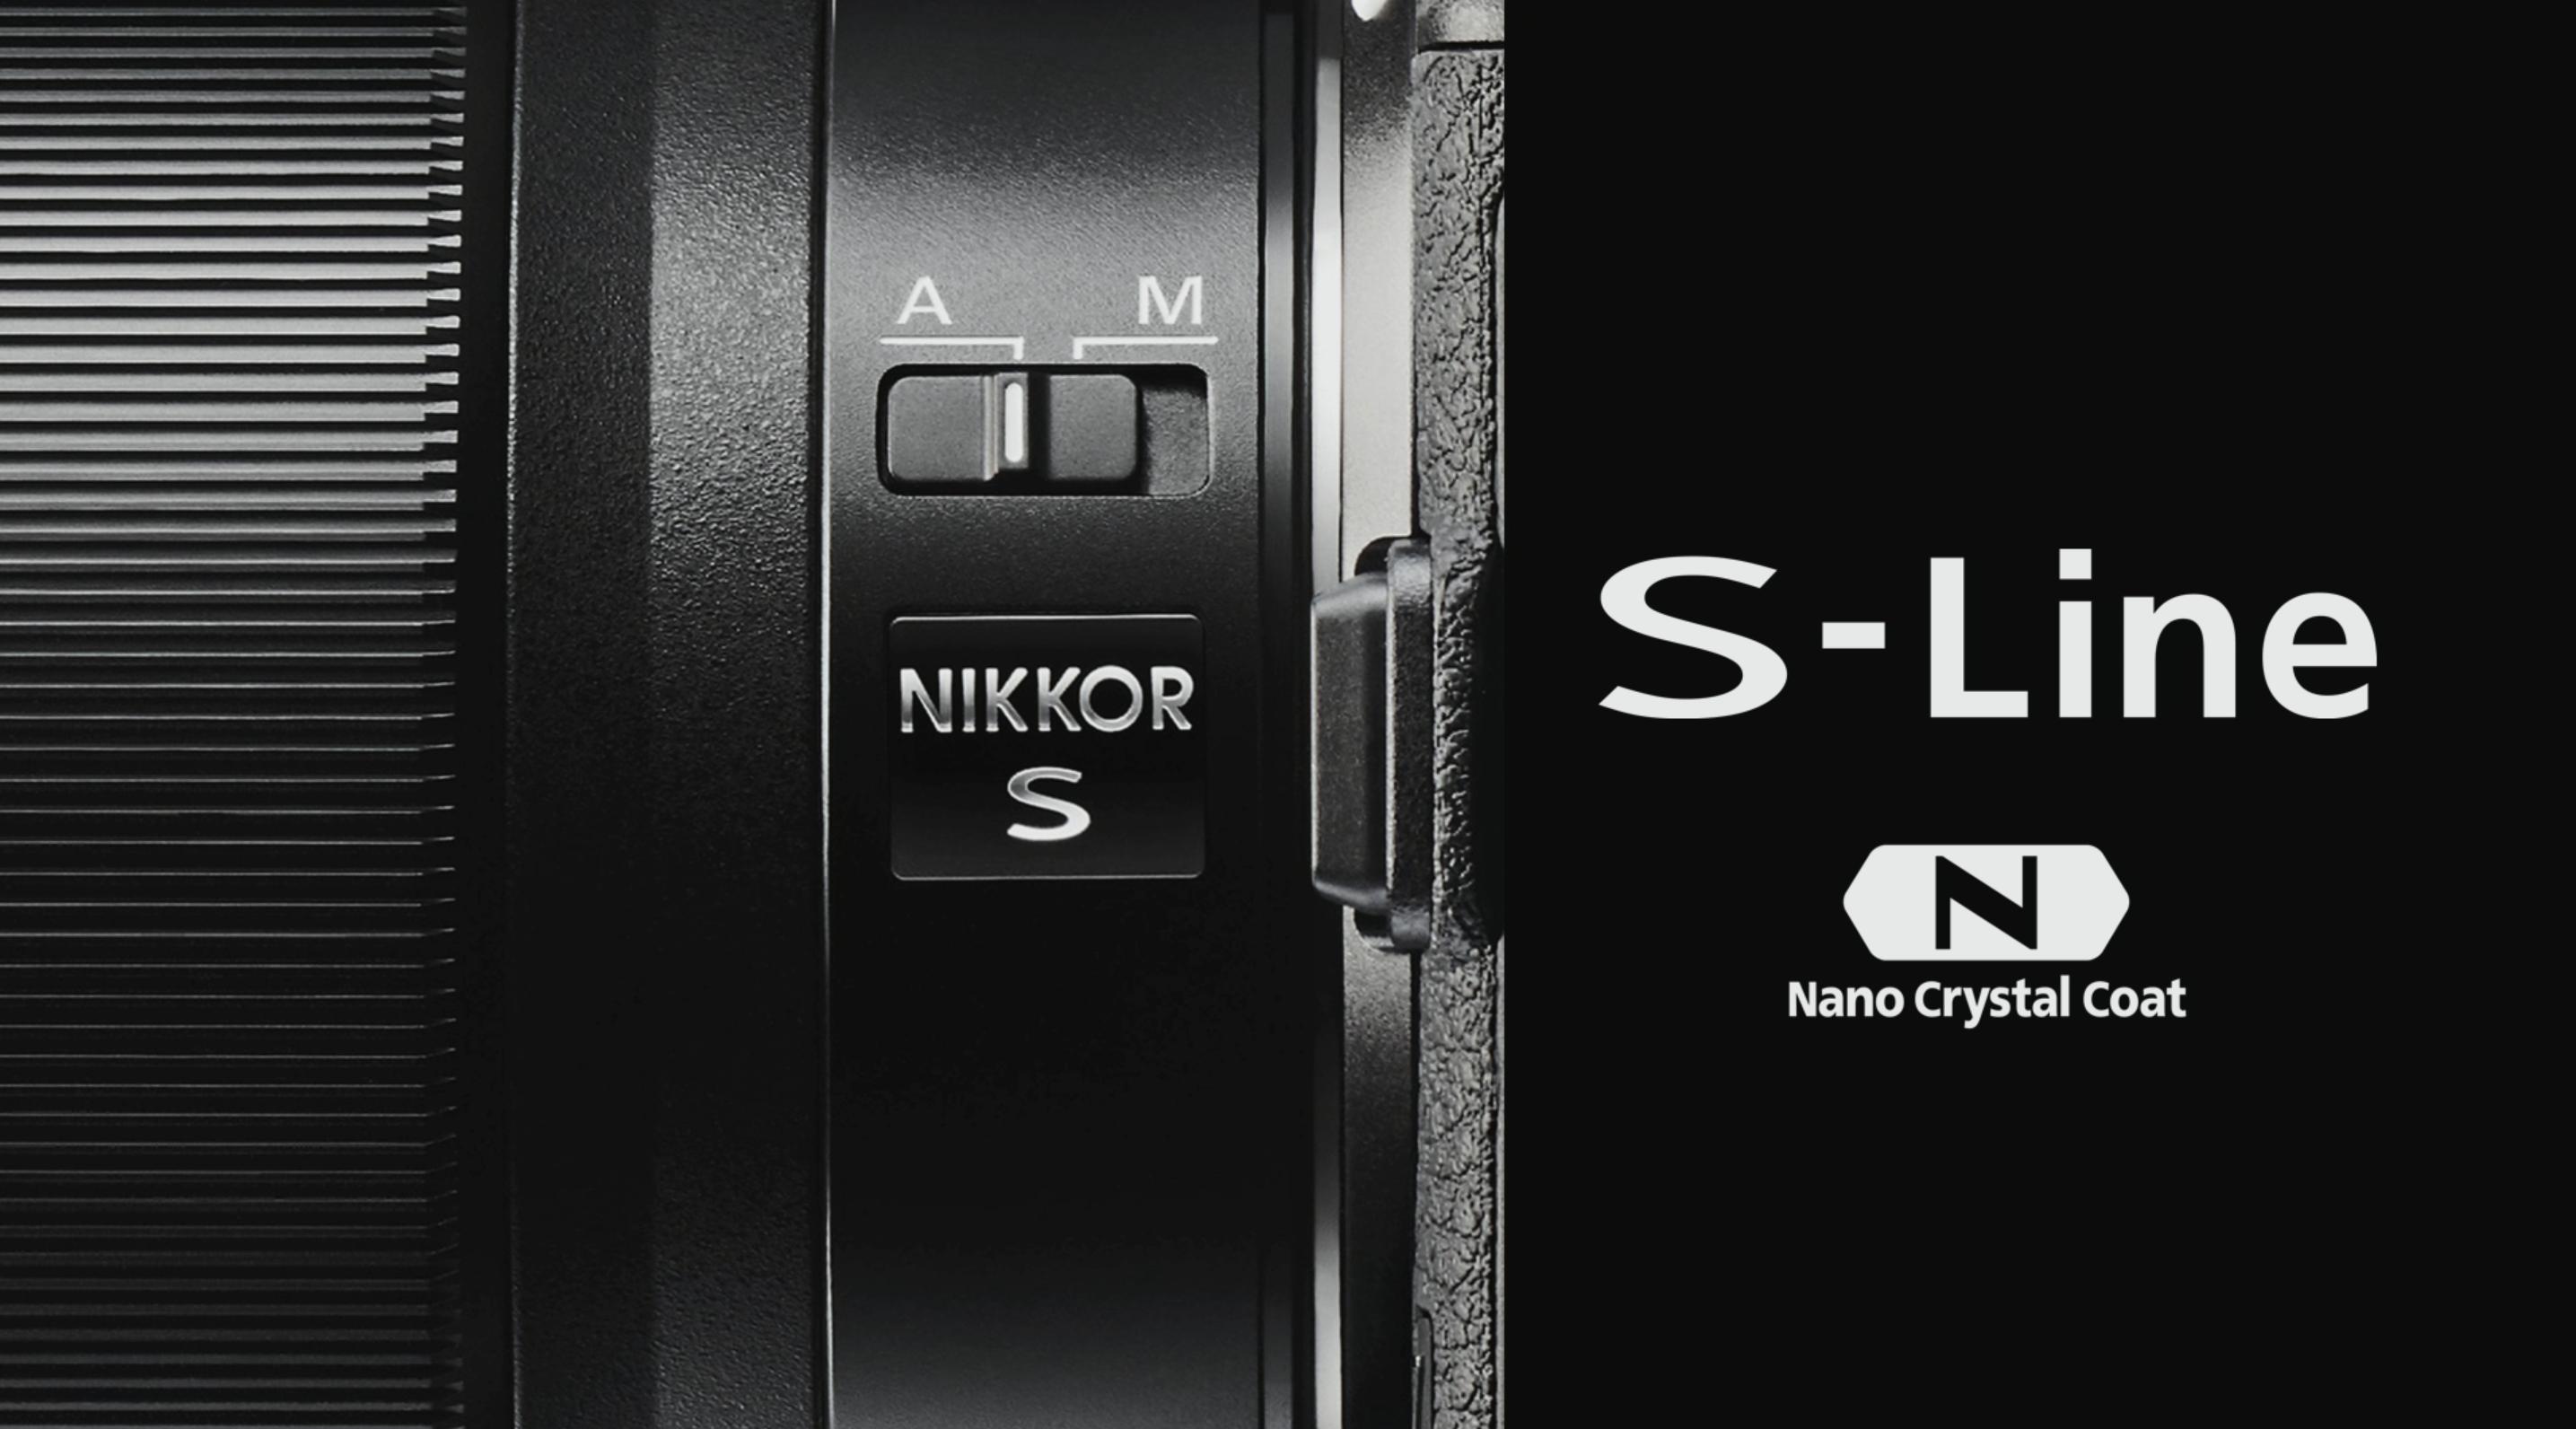 Nikon S-Line